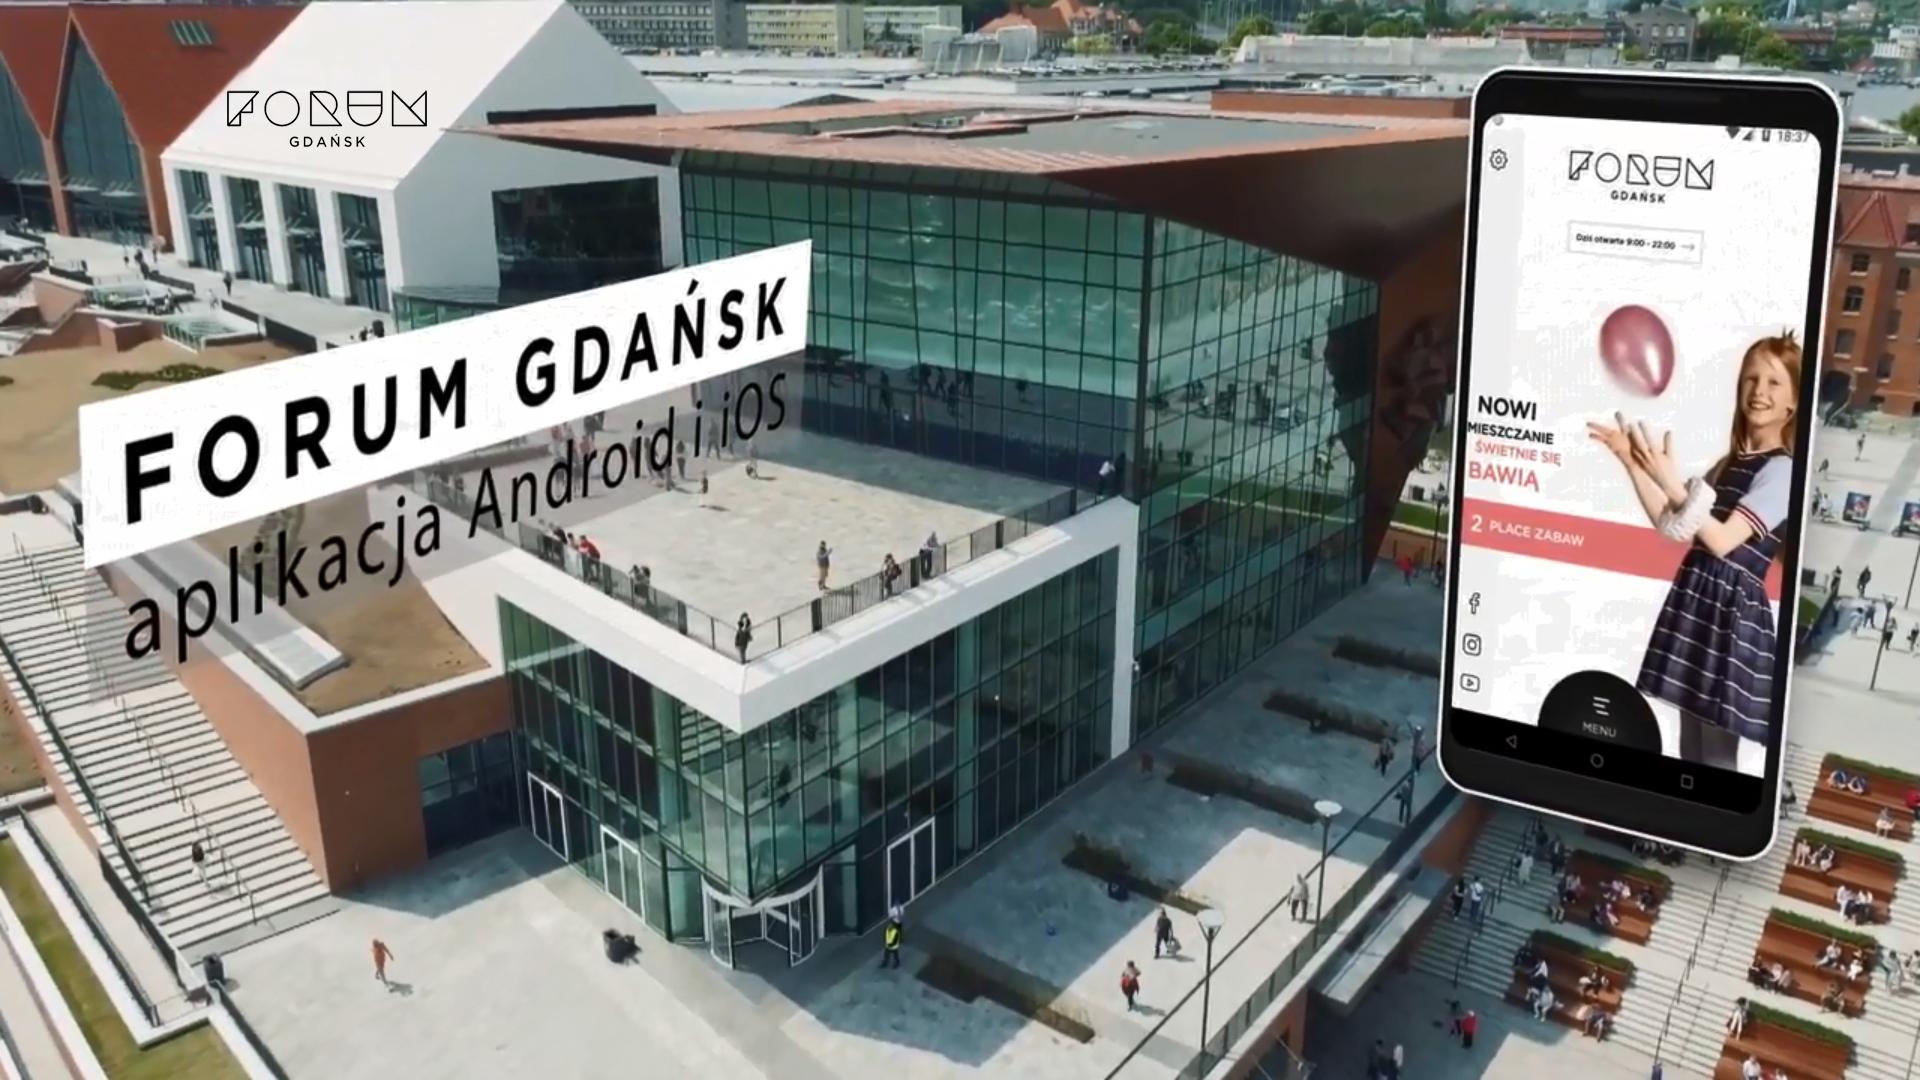 image of Forum Gdansk   Amistad Sp z o.o. Wins 2018 Best Shopping Mobile Application Mobile WebAward for Forum Gdansk - mobile app